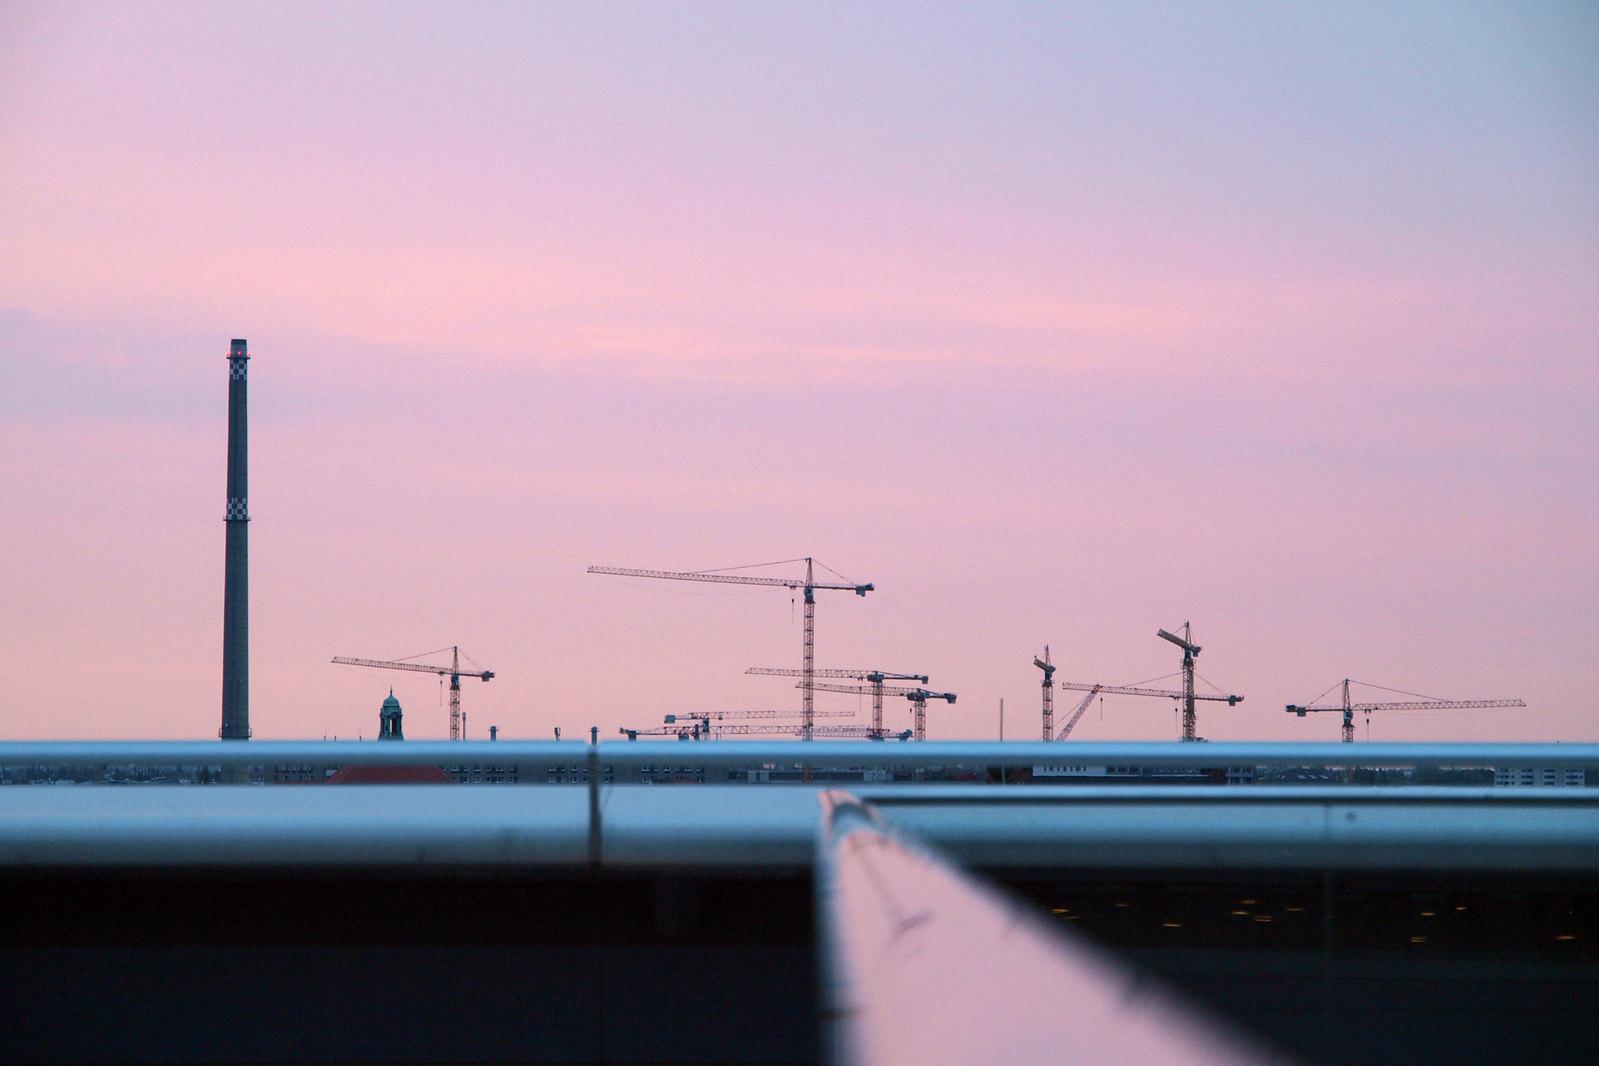 Architecture à Berlin - Les grues vues depuis le toit du Reichstag